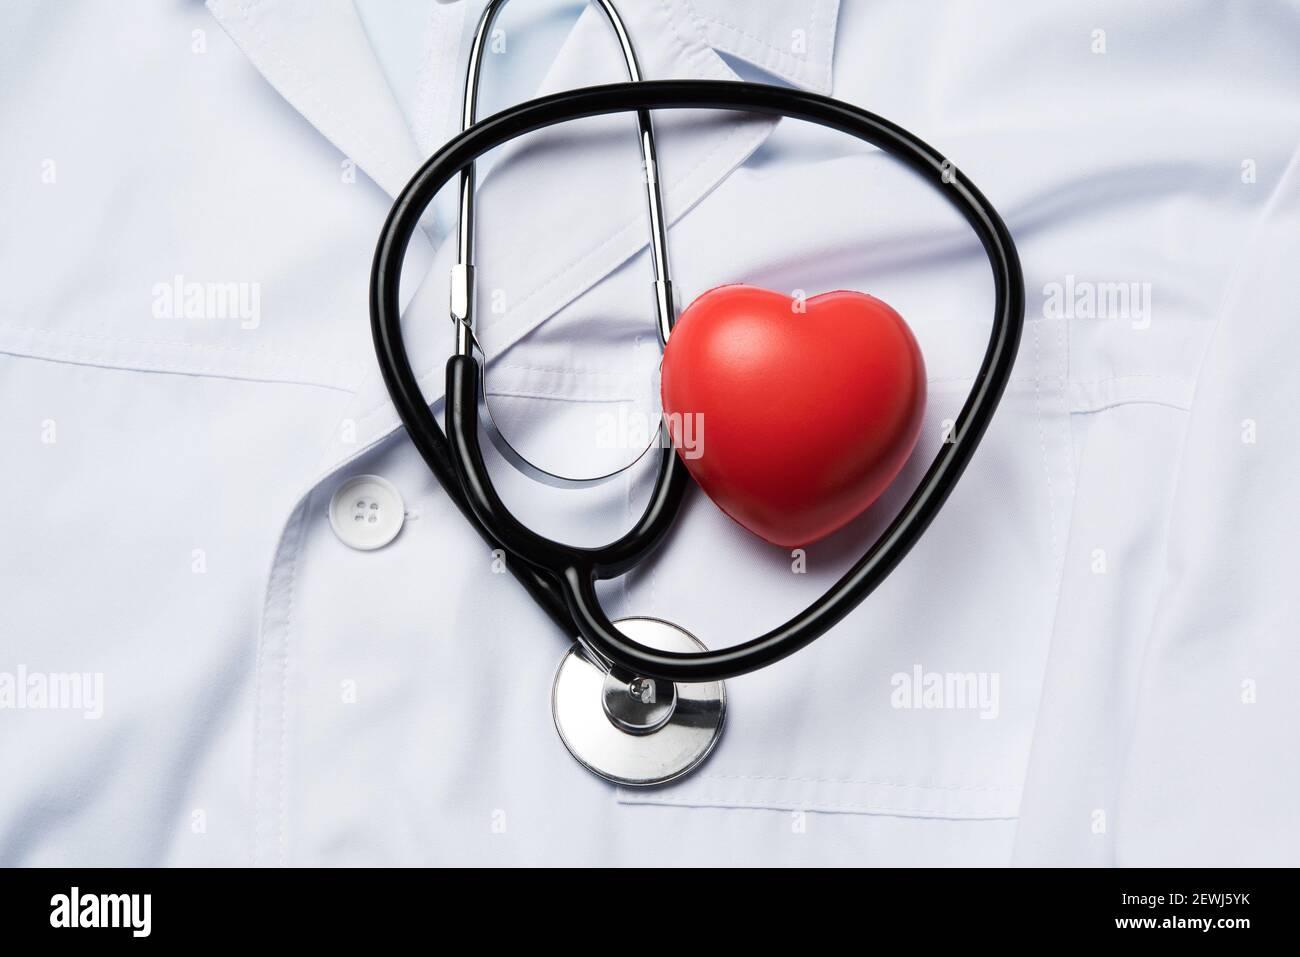 estetoscopio médico y corazón de caucho rojo sobre fondo blanco, vista superior. Foto de stock